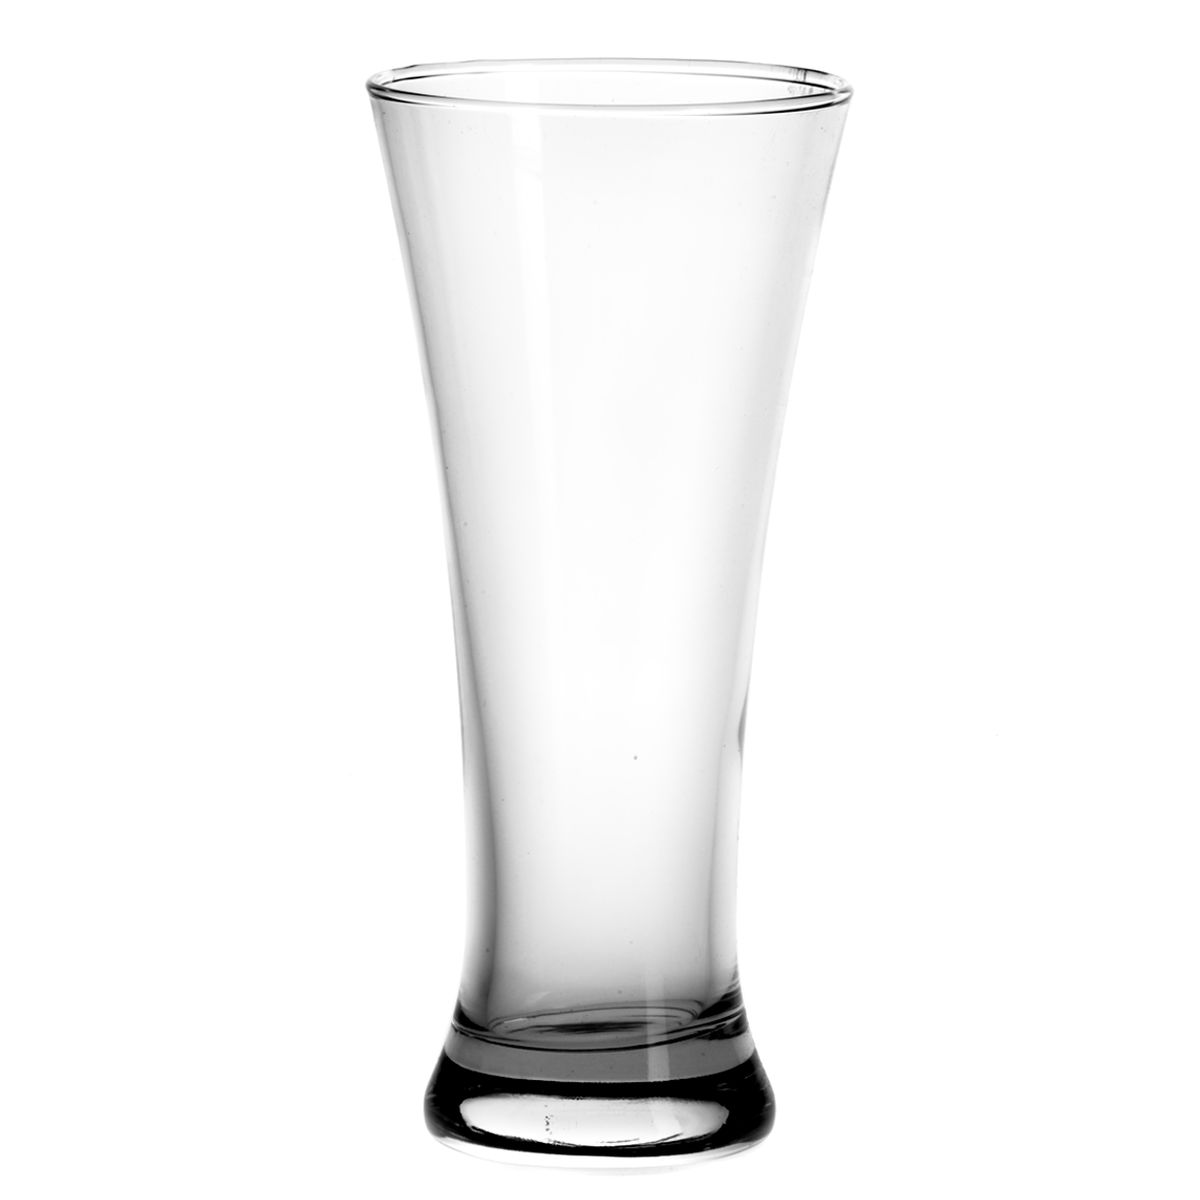 Набор бокалов для пива Pasabahce Pub, 500 мл, 3 шт41886B/Набор Pasabahce Pub состоит из трех бокалов, выполненных из прочного натрий-кальций-силикатного стекла конусообразной формы. Бокалы прекрасно подходят для подачи пива. Функциональность, практичность и стильный дизайн сделают набор прекрасным дополнением к вашей коллекции посуды. Можно мыть в посудомоечной машине и использовать в микроволновой печи. Диаметр бокала (по верхнему краю): 9,5 см.Высота бокала: 21,5 см.